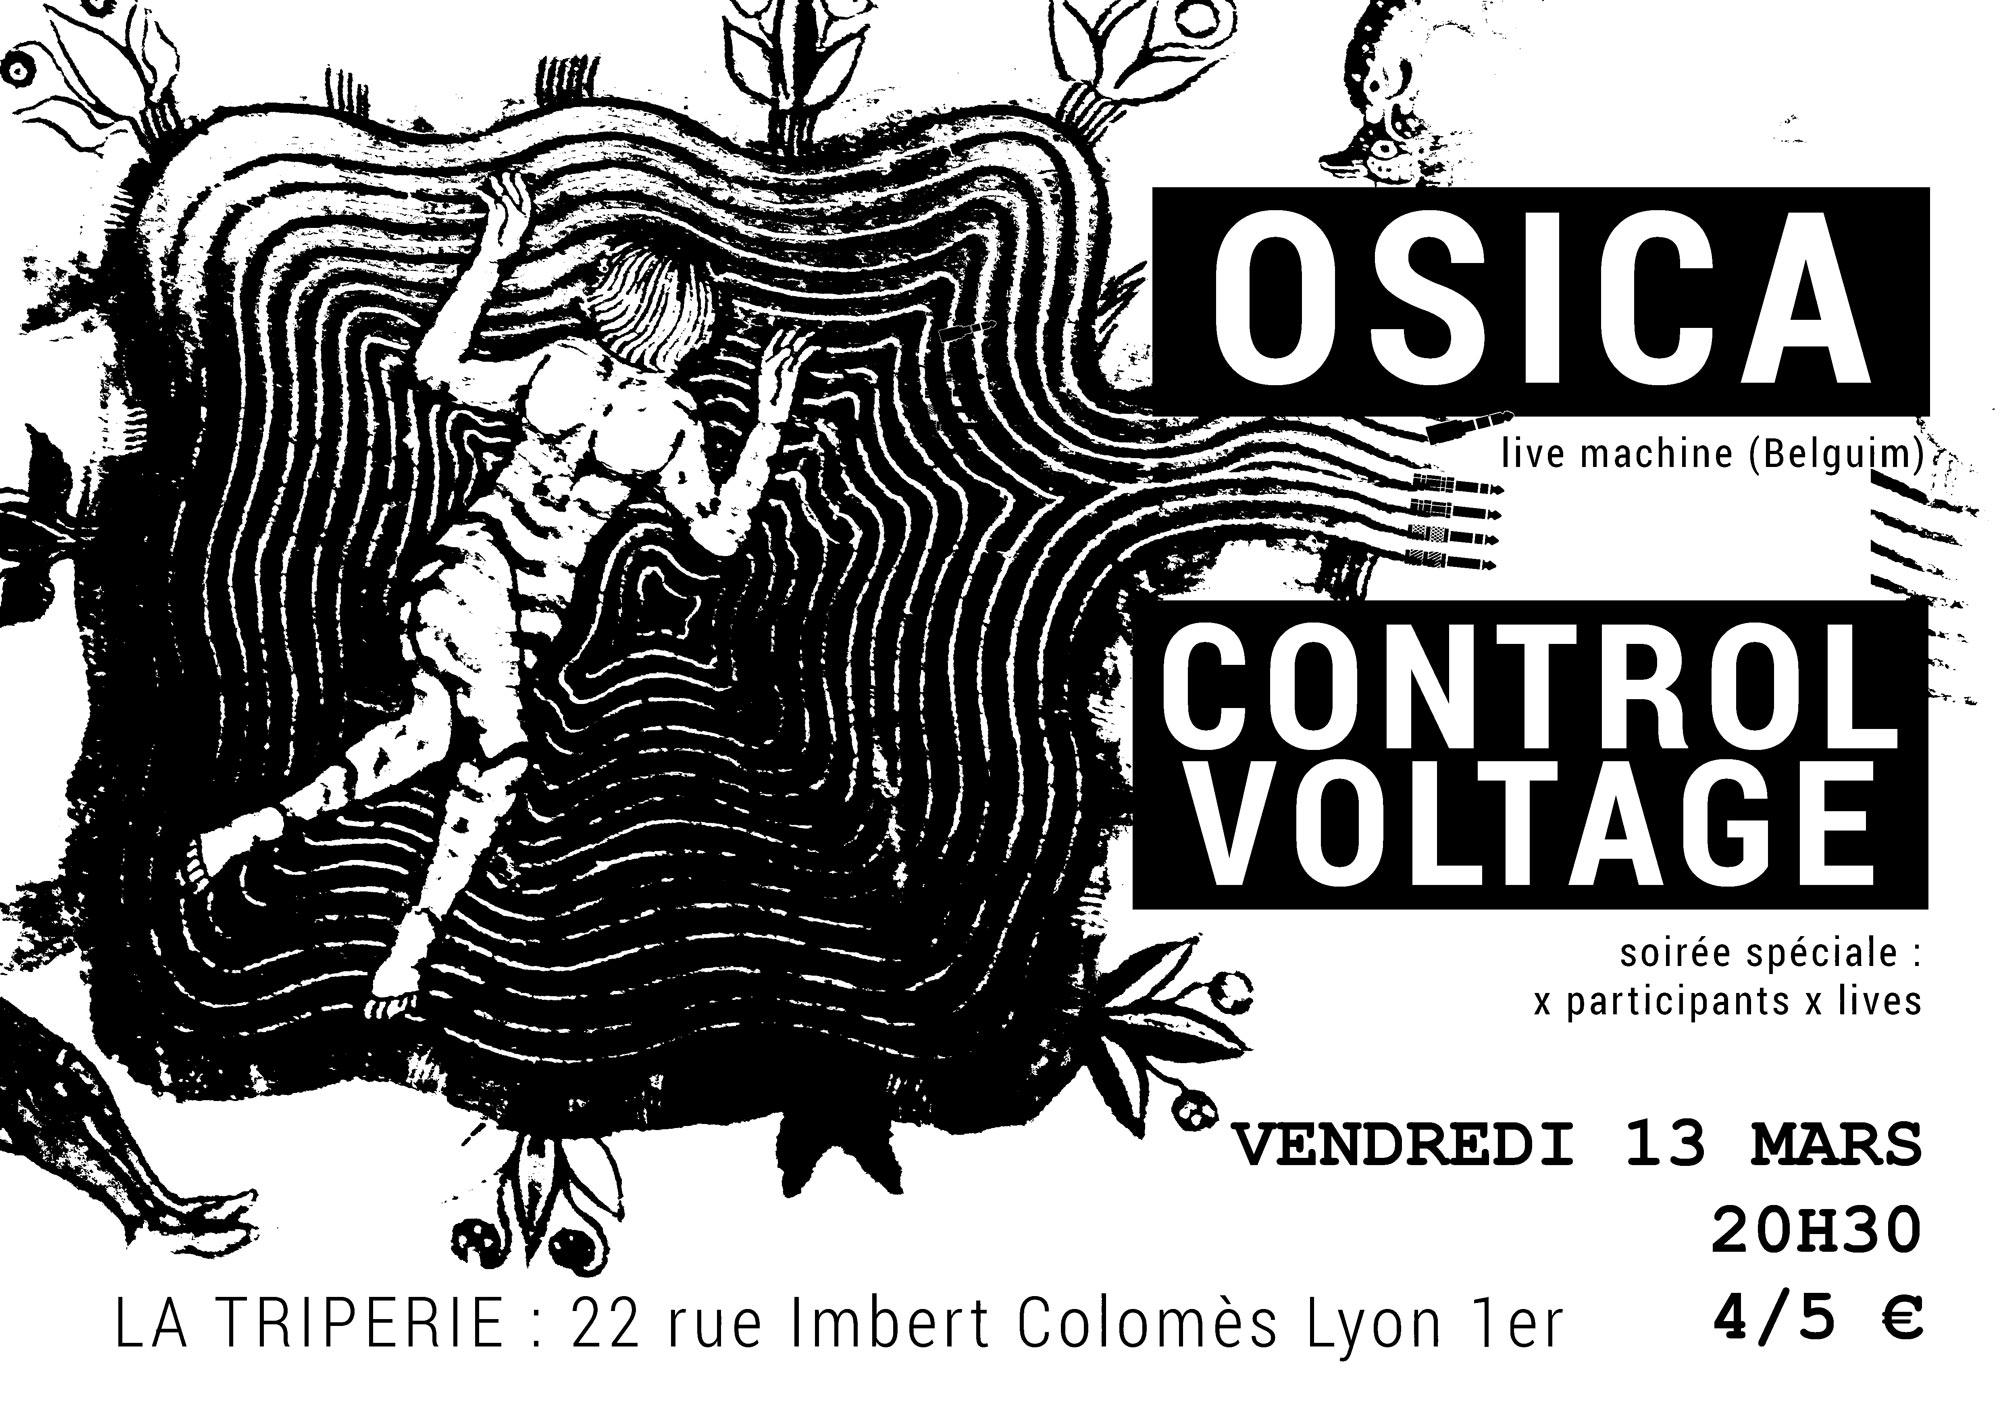 osica + controle voltage